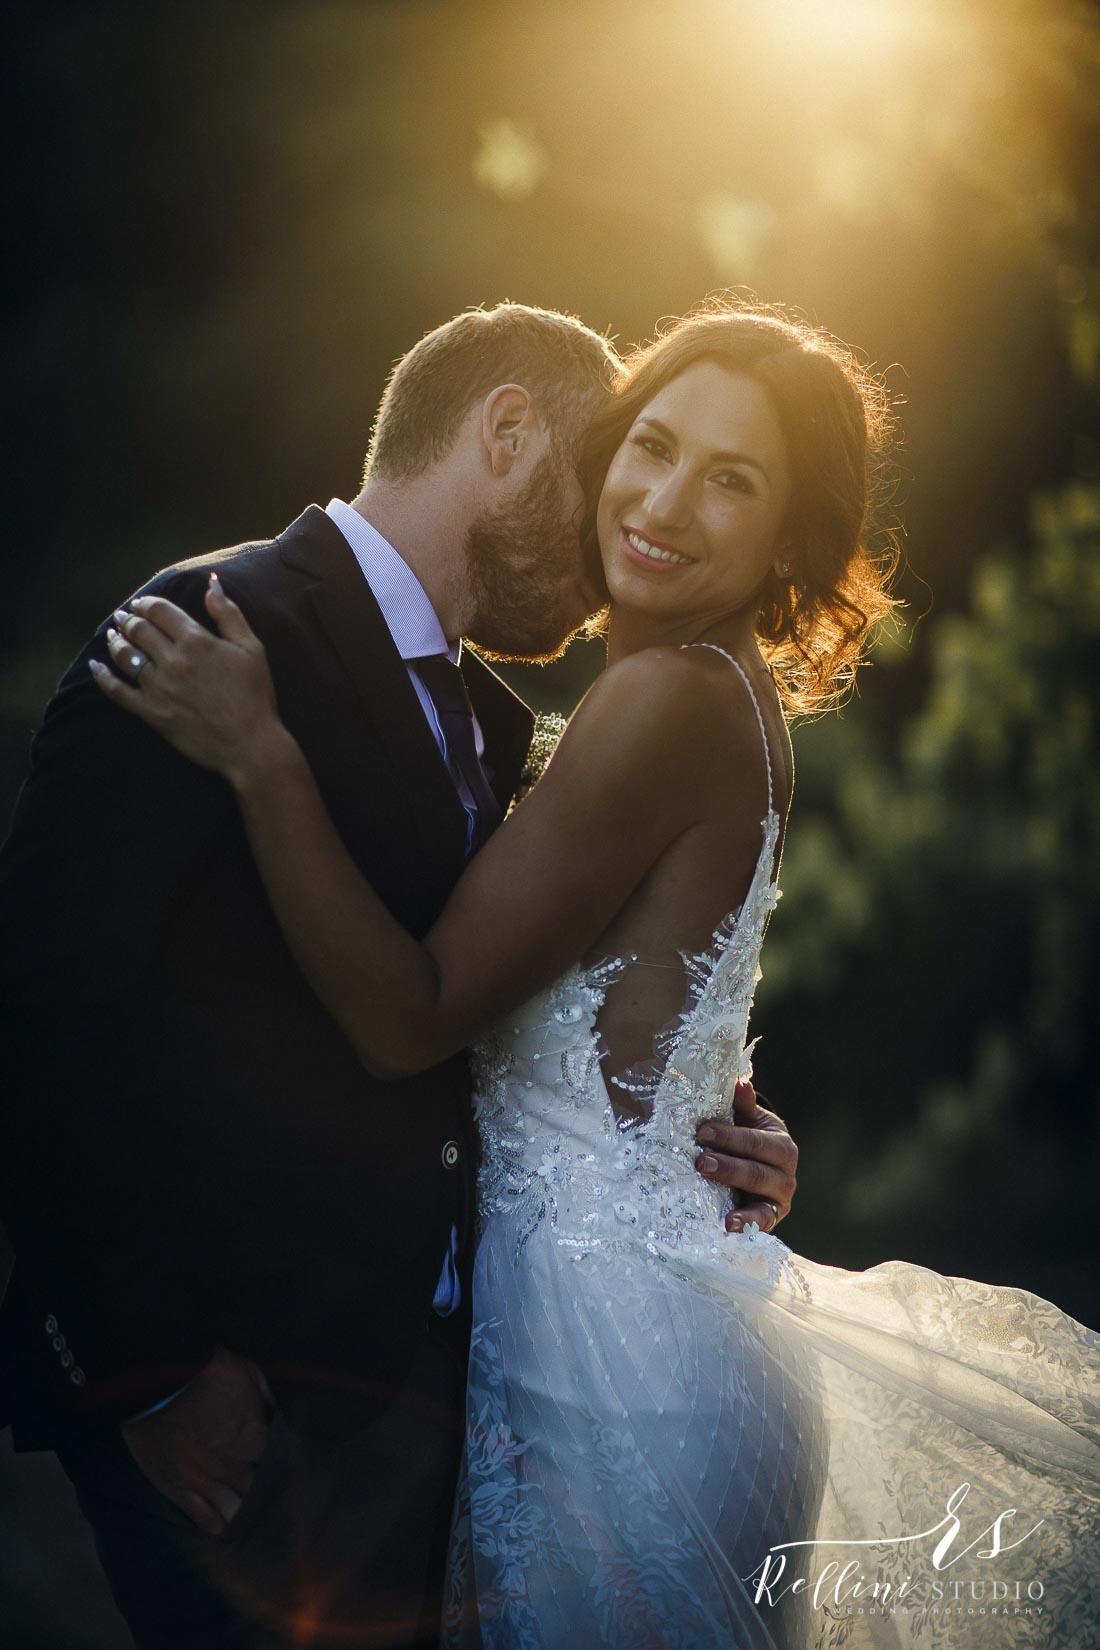 wedding at Palazzone in Orvieto 003.jpg